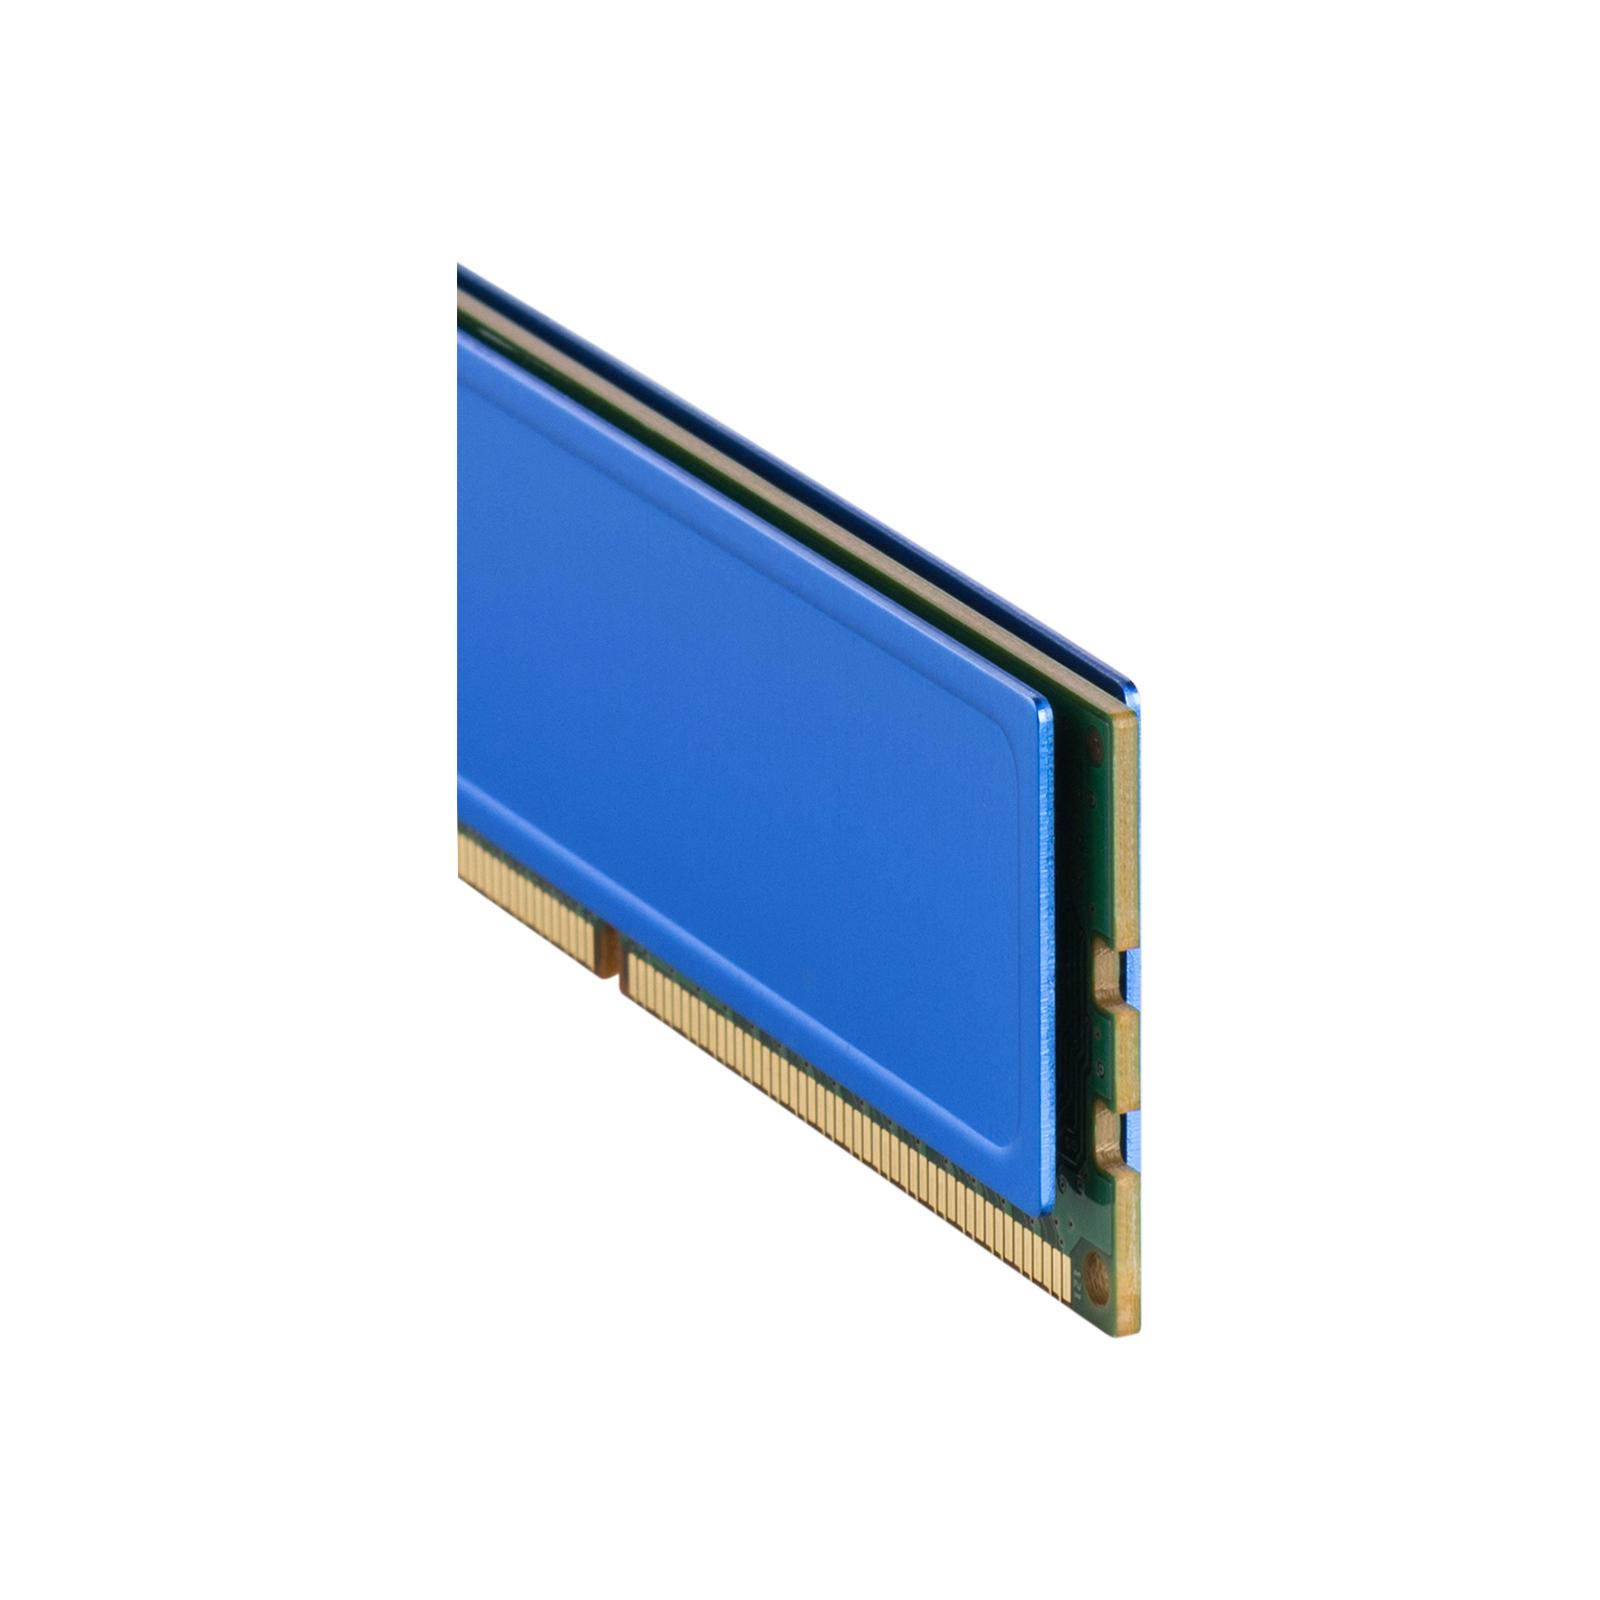 Модуль памяти для компьютера DDR3 16GB (2x8GB) 1600 MHz Signature Line Patriot (PSD316G1600KH) изображение 3